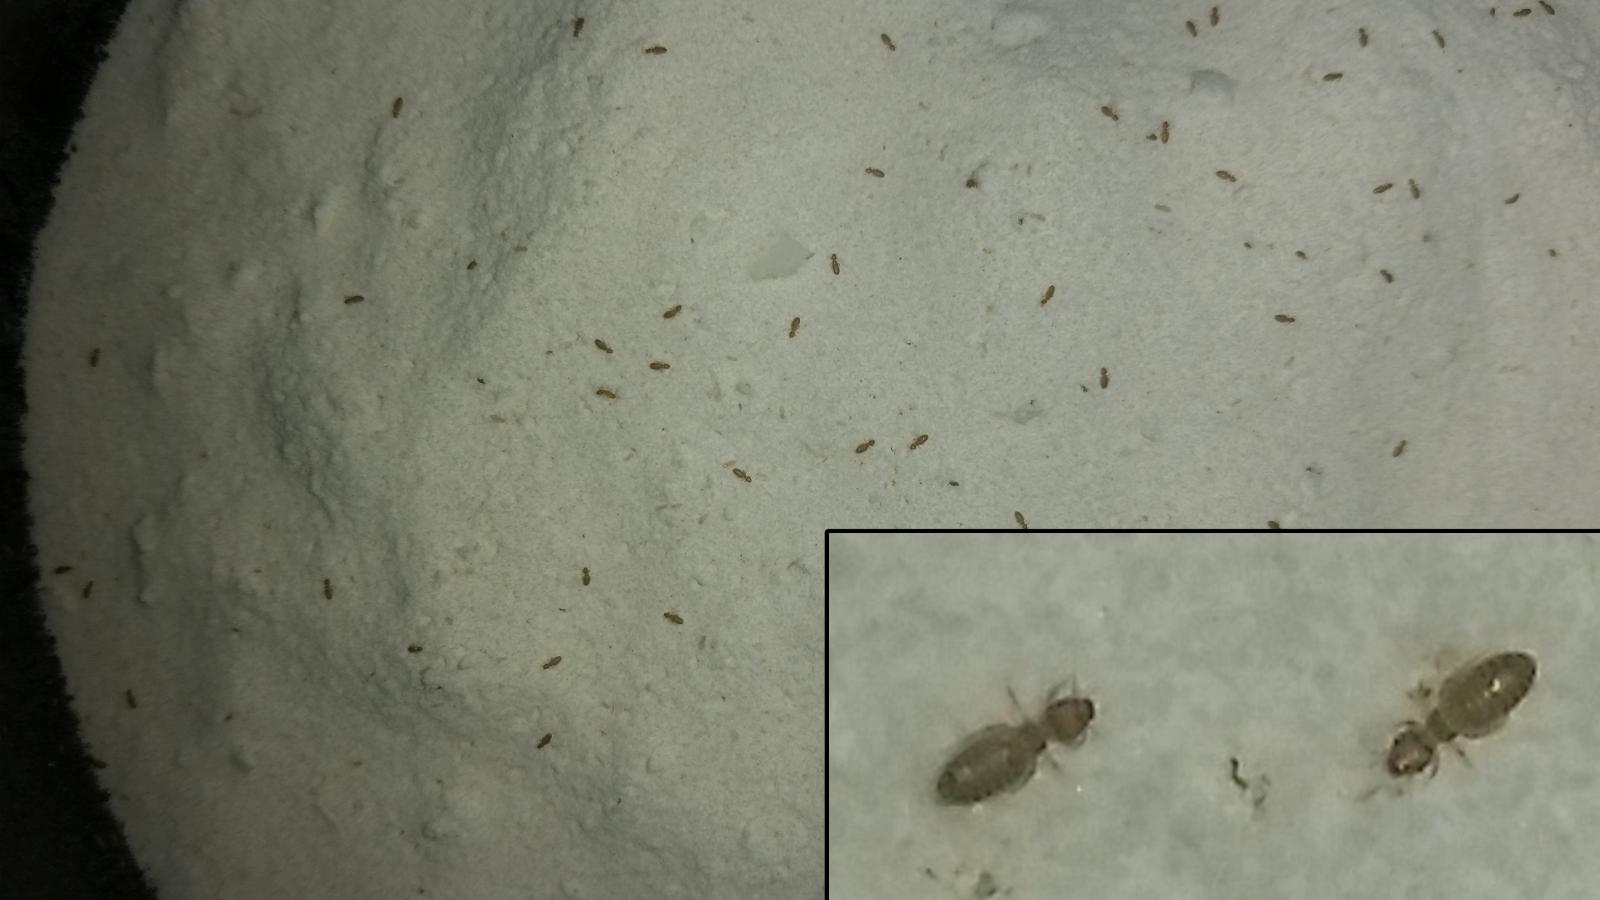 Kleine käfer im bett